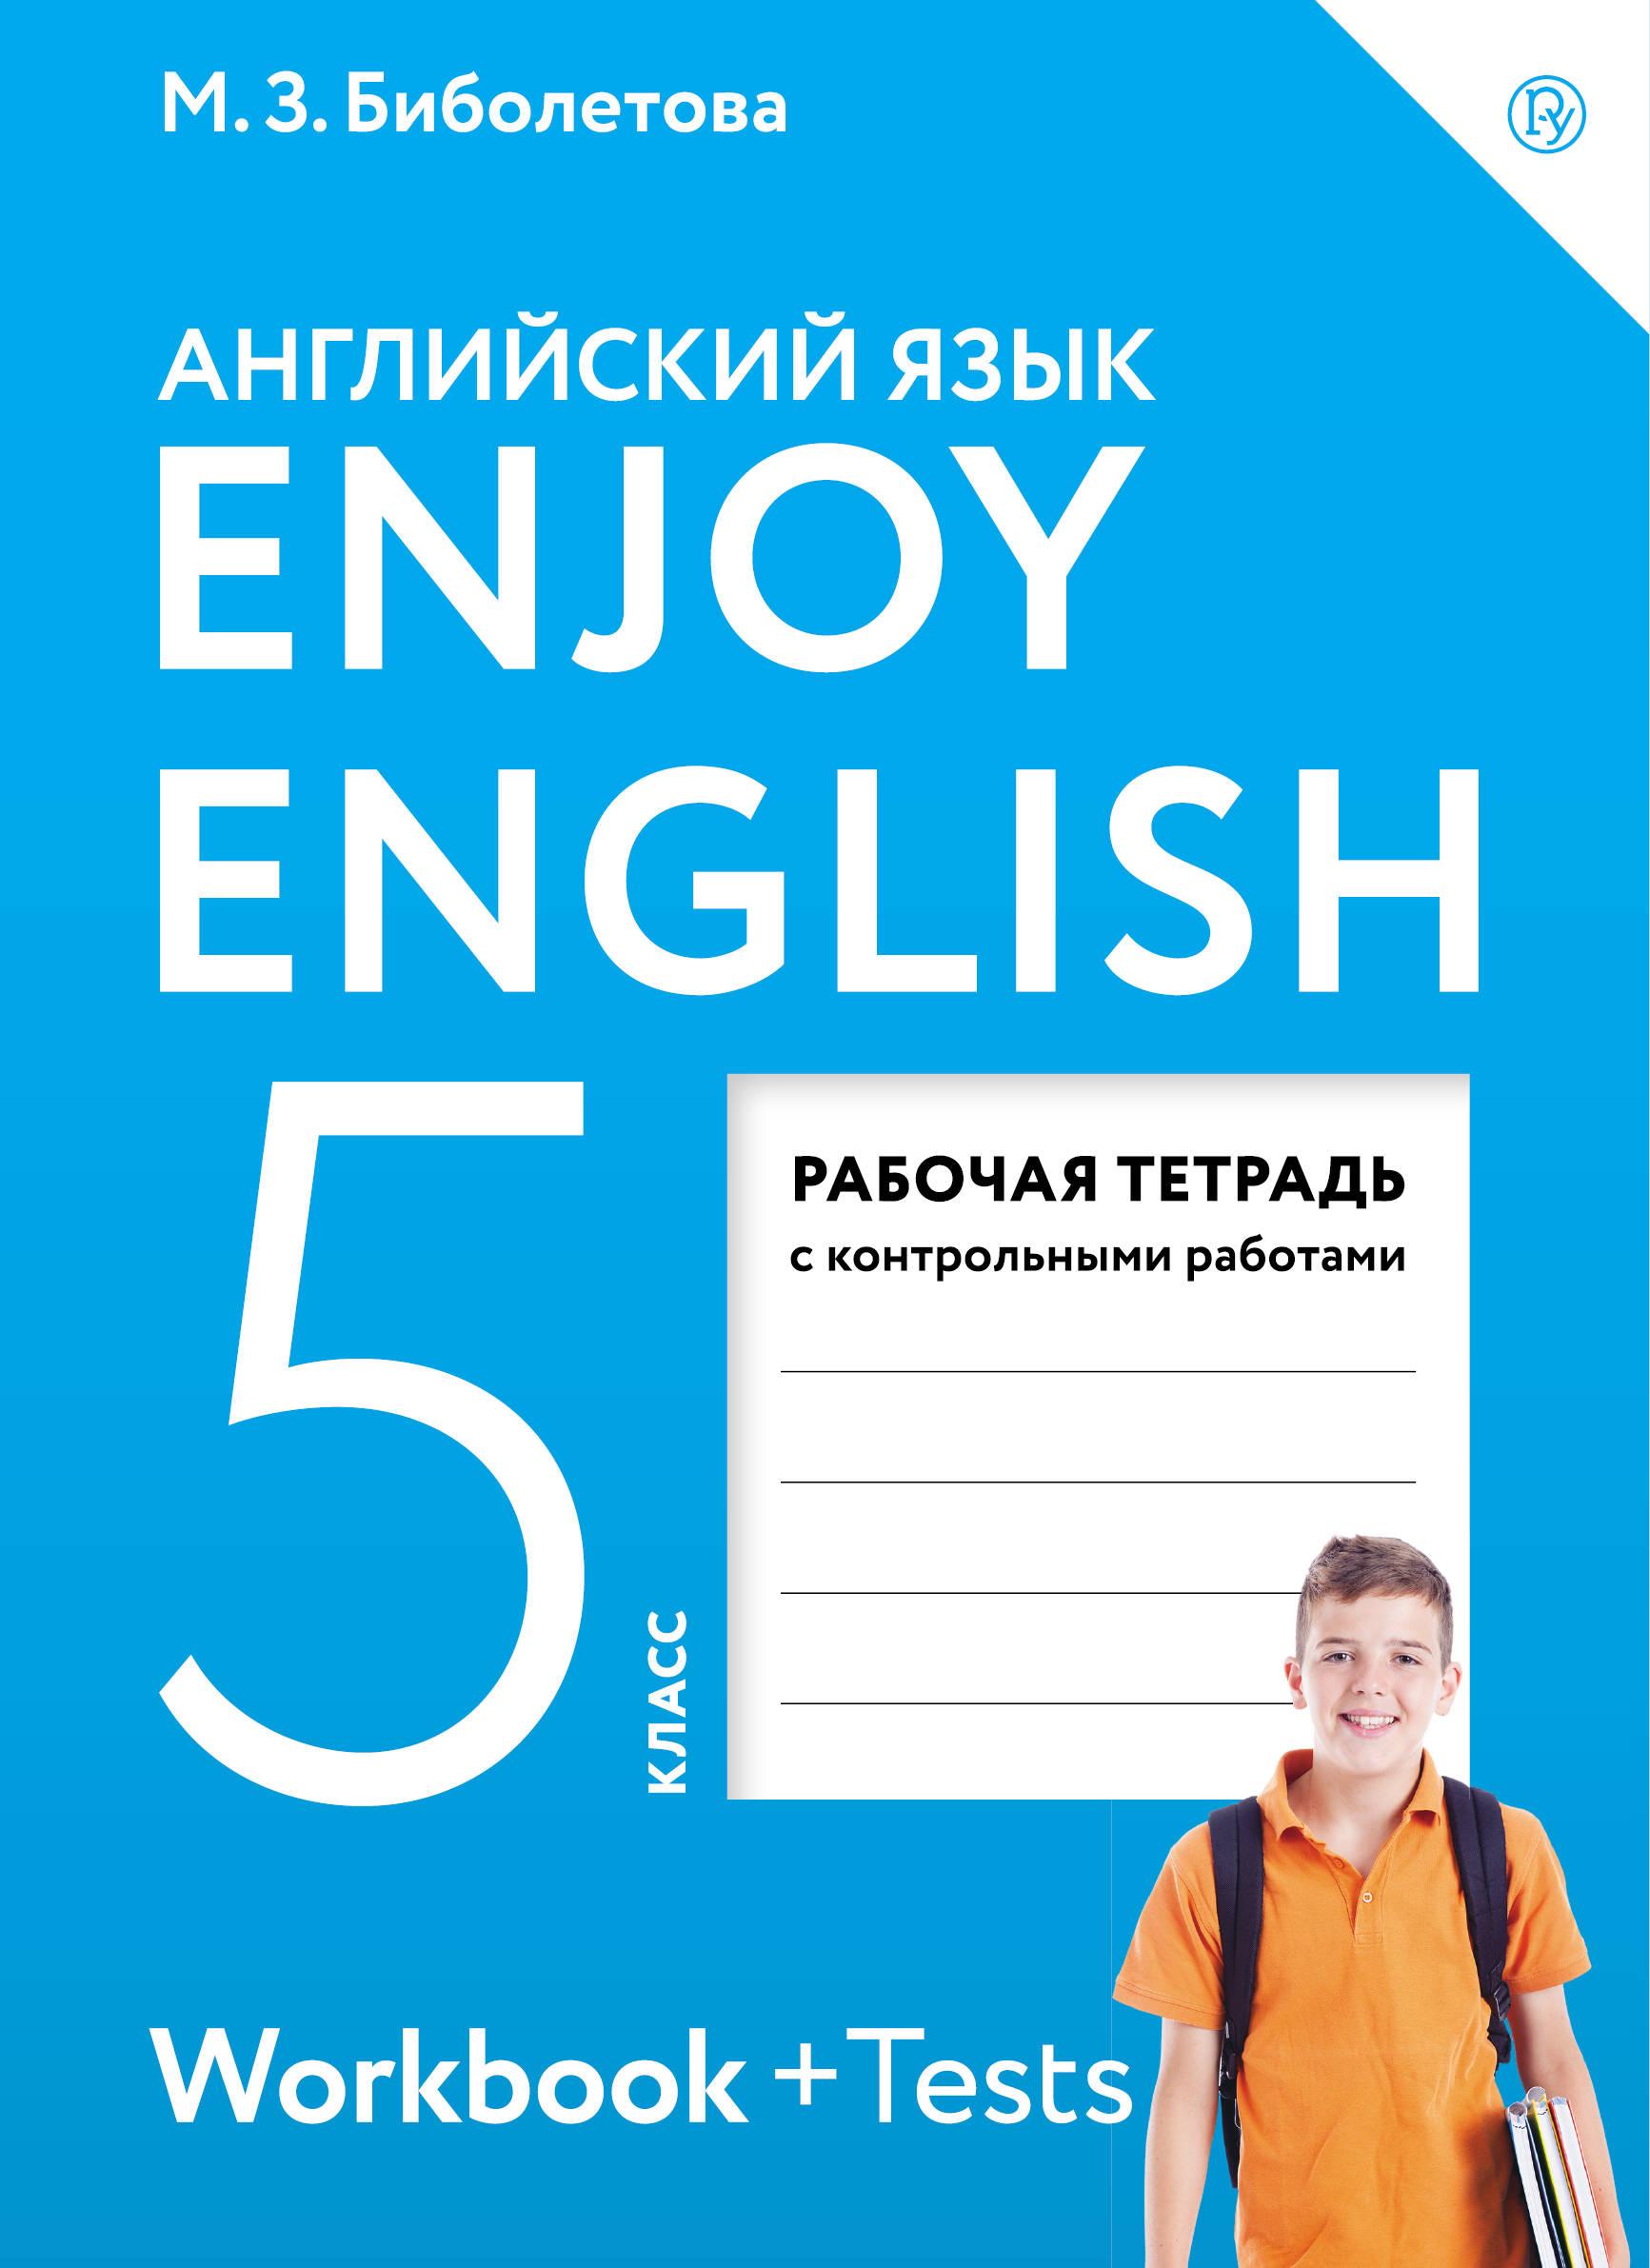 Гдз по английскому языку 6 класс м. З. Биболетова, о. А. Денисенко.